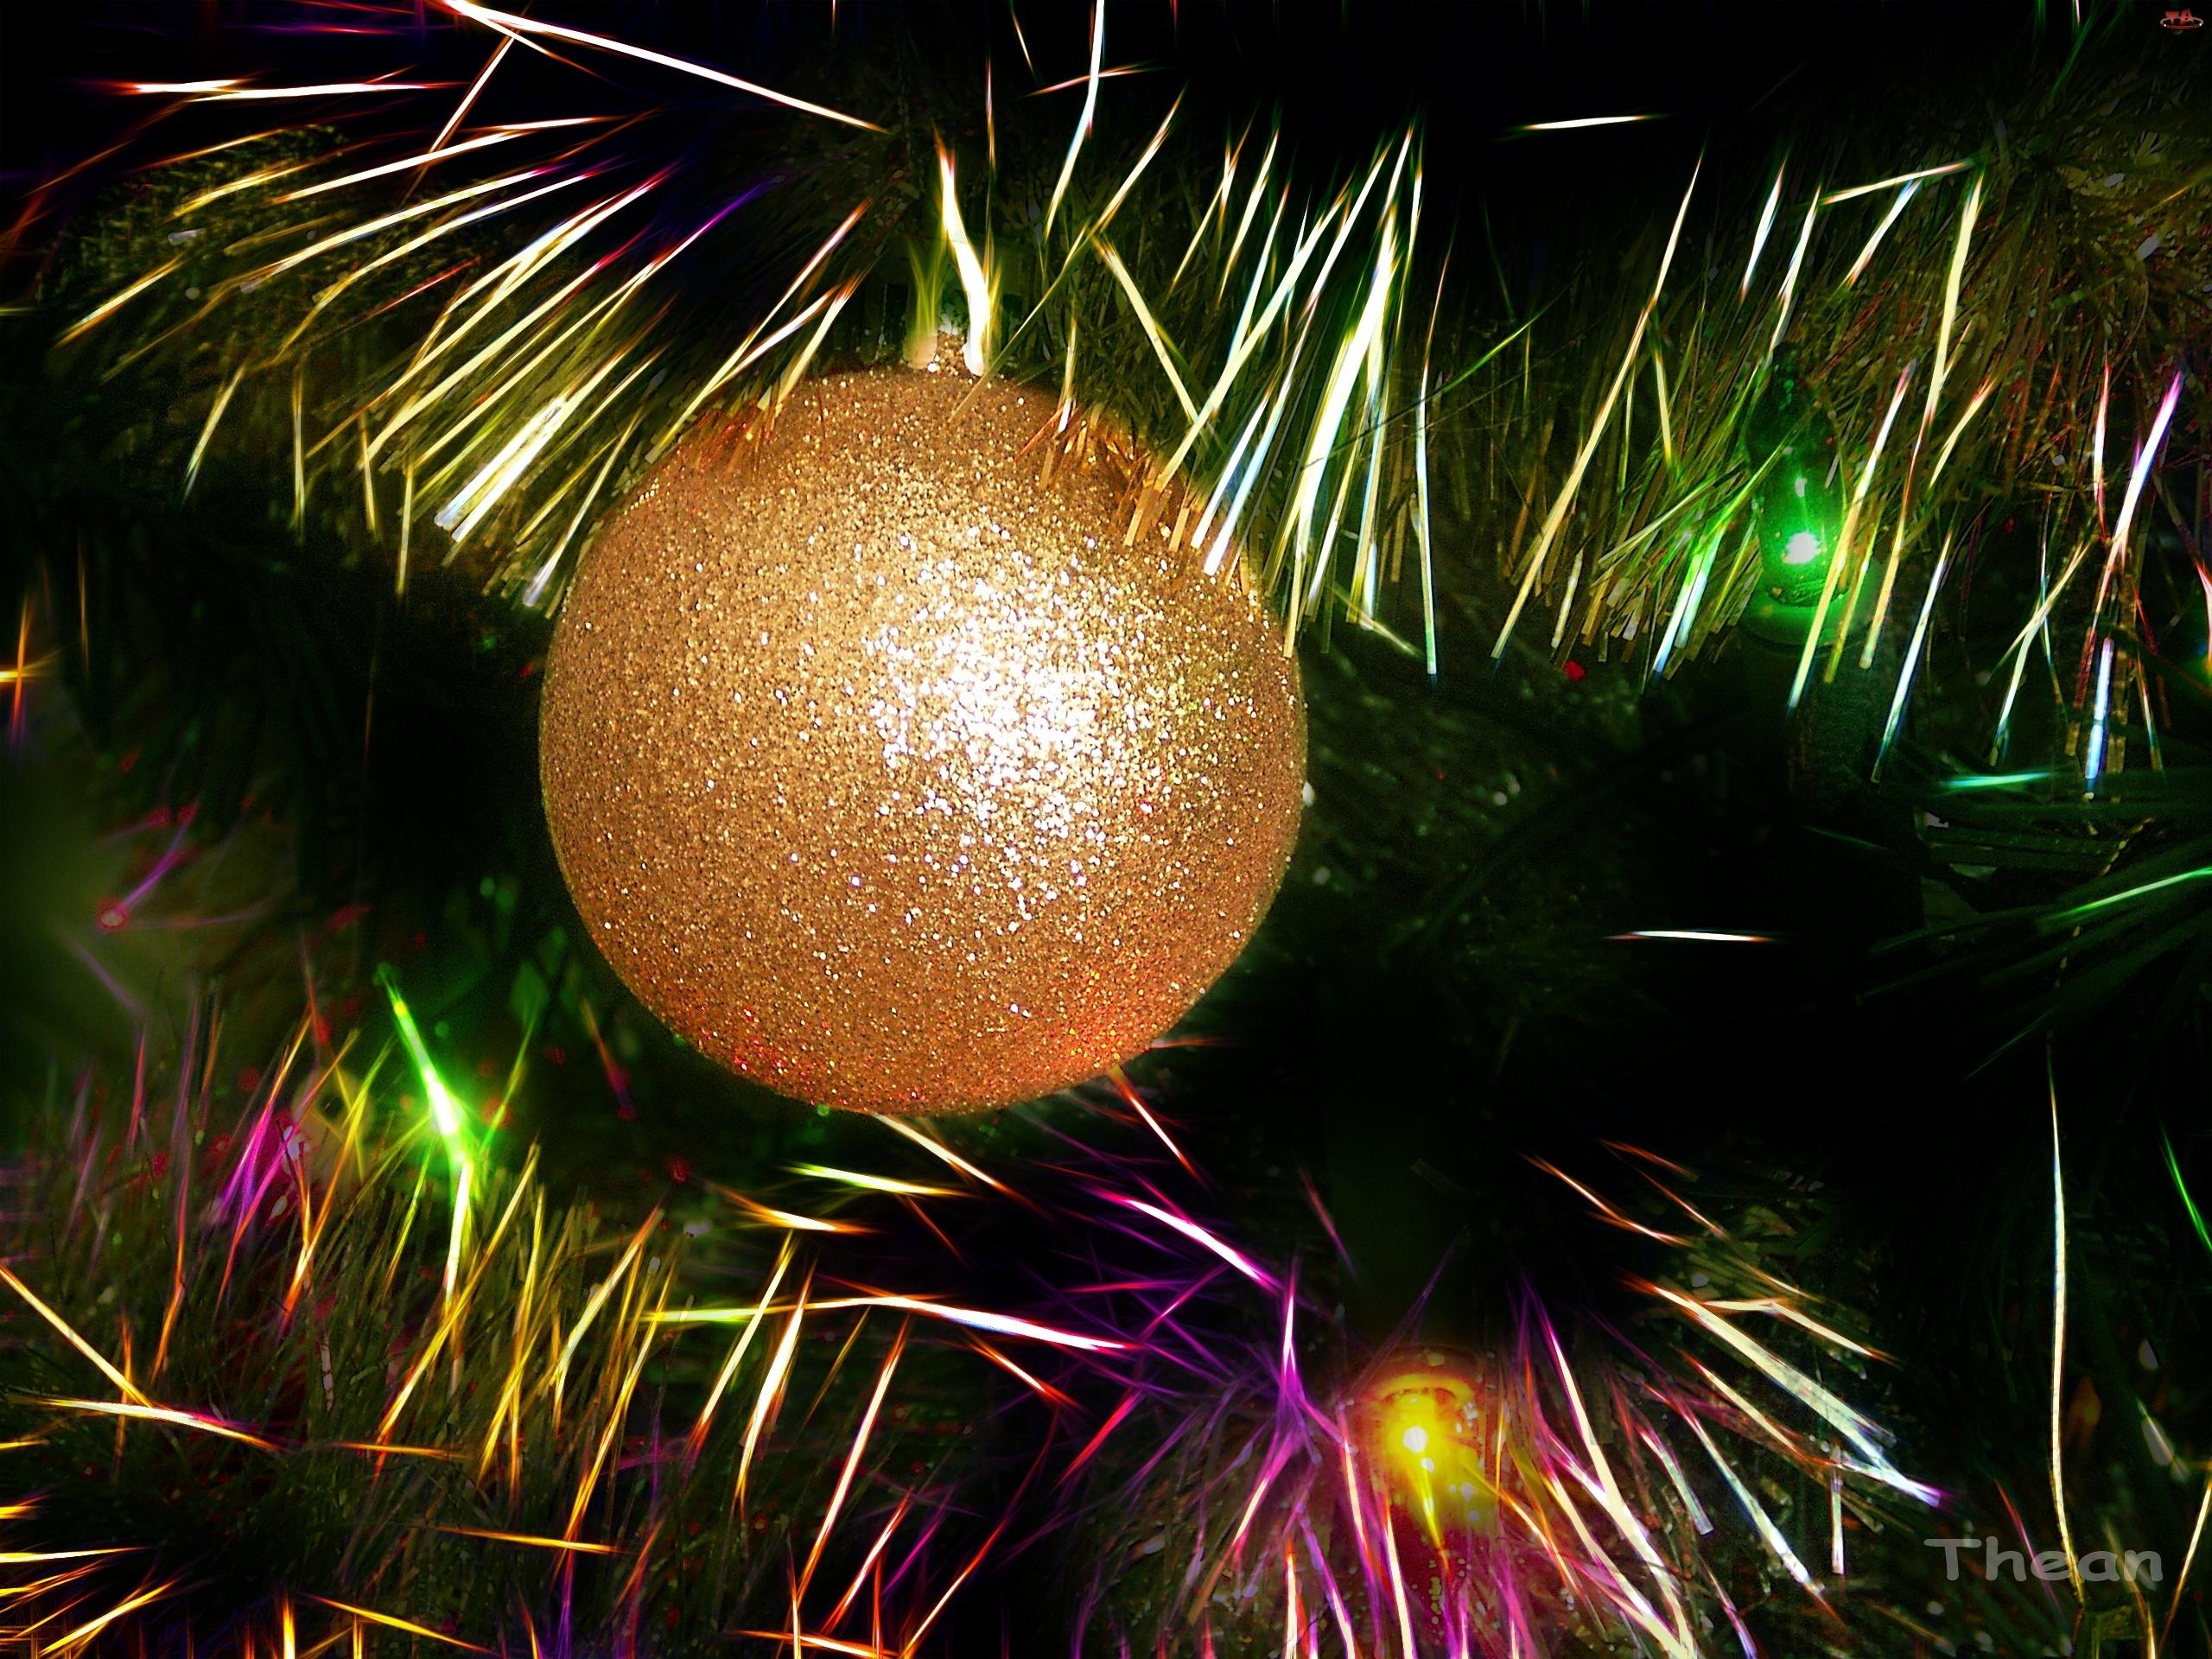 Narodzenie, Światełka, Boże, Bombka, Choinka